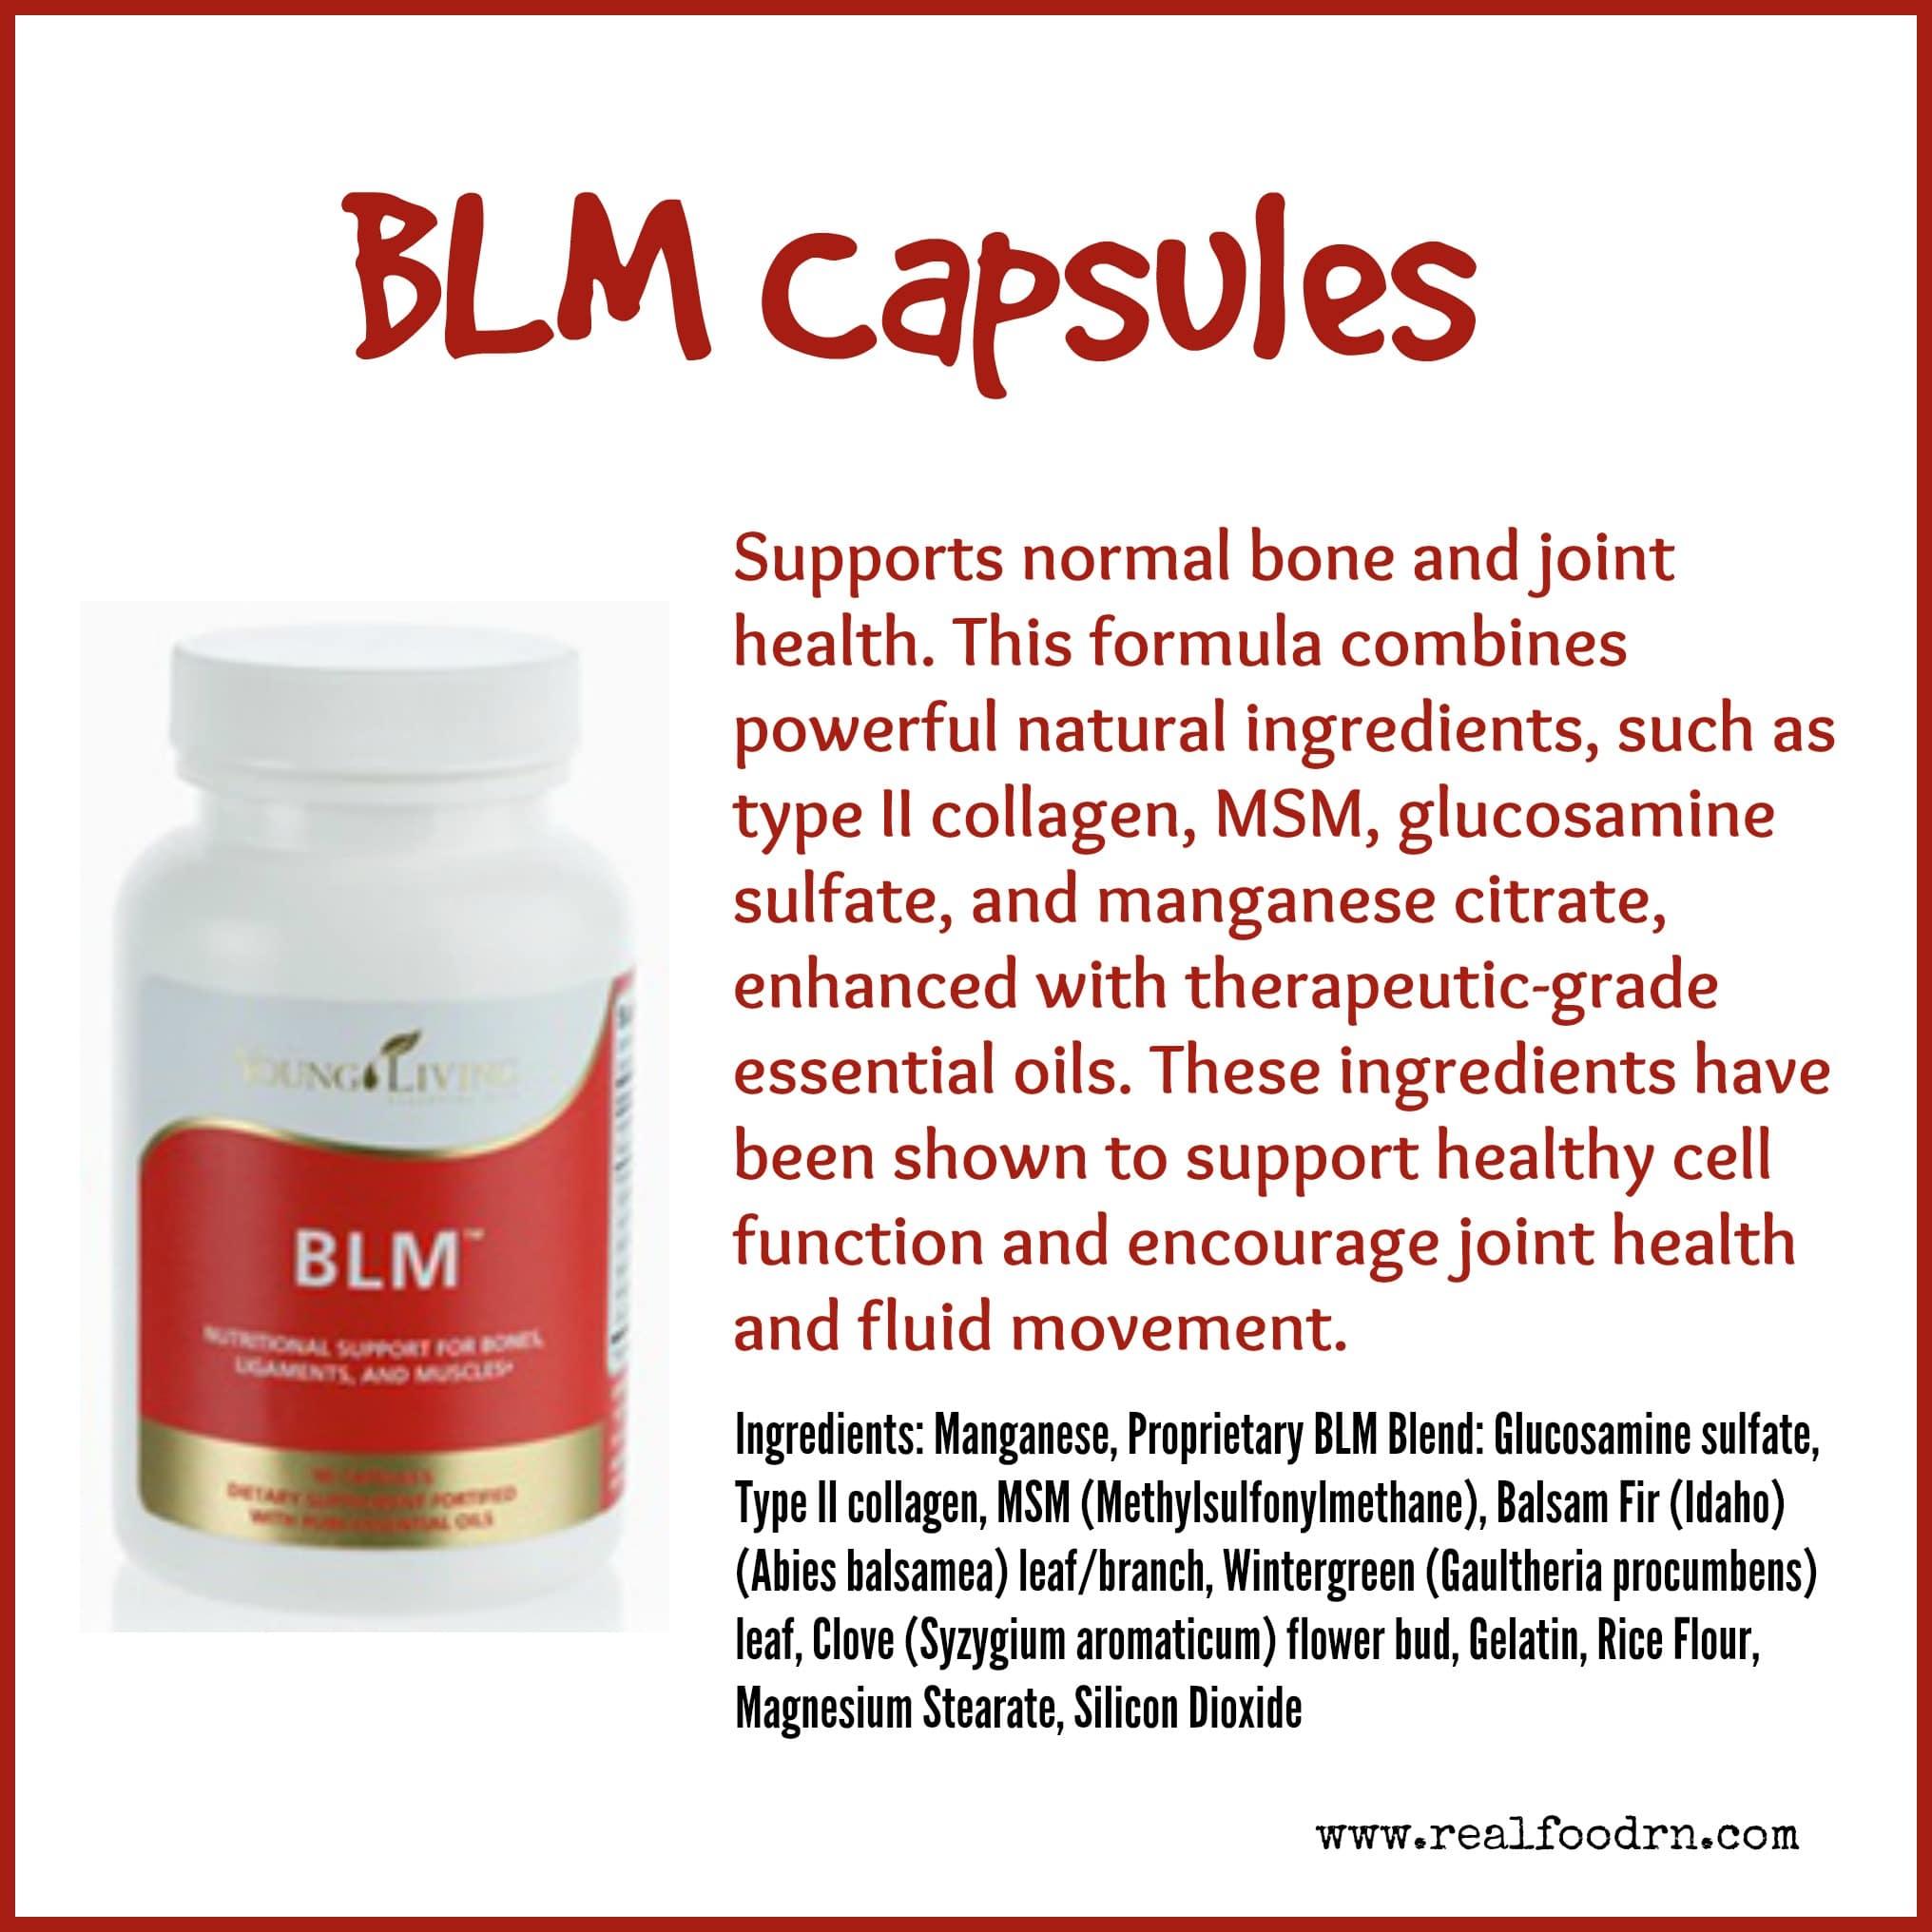 BLM Capsules